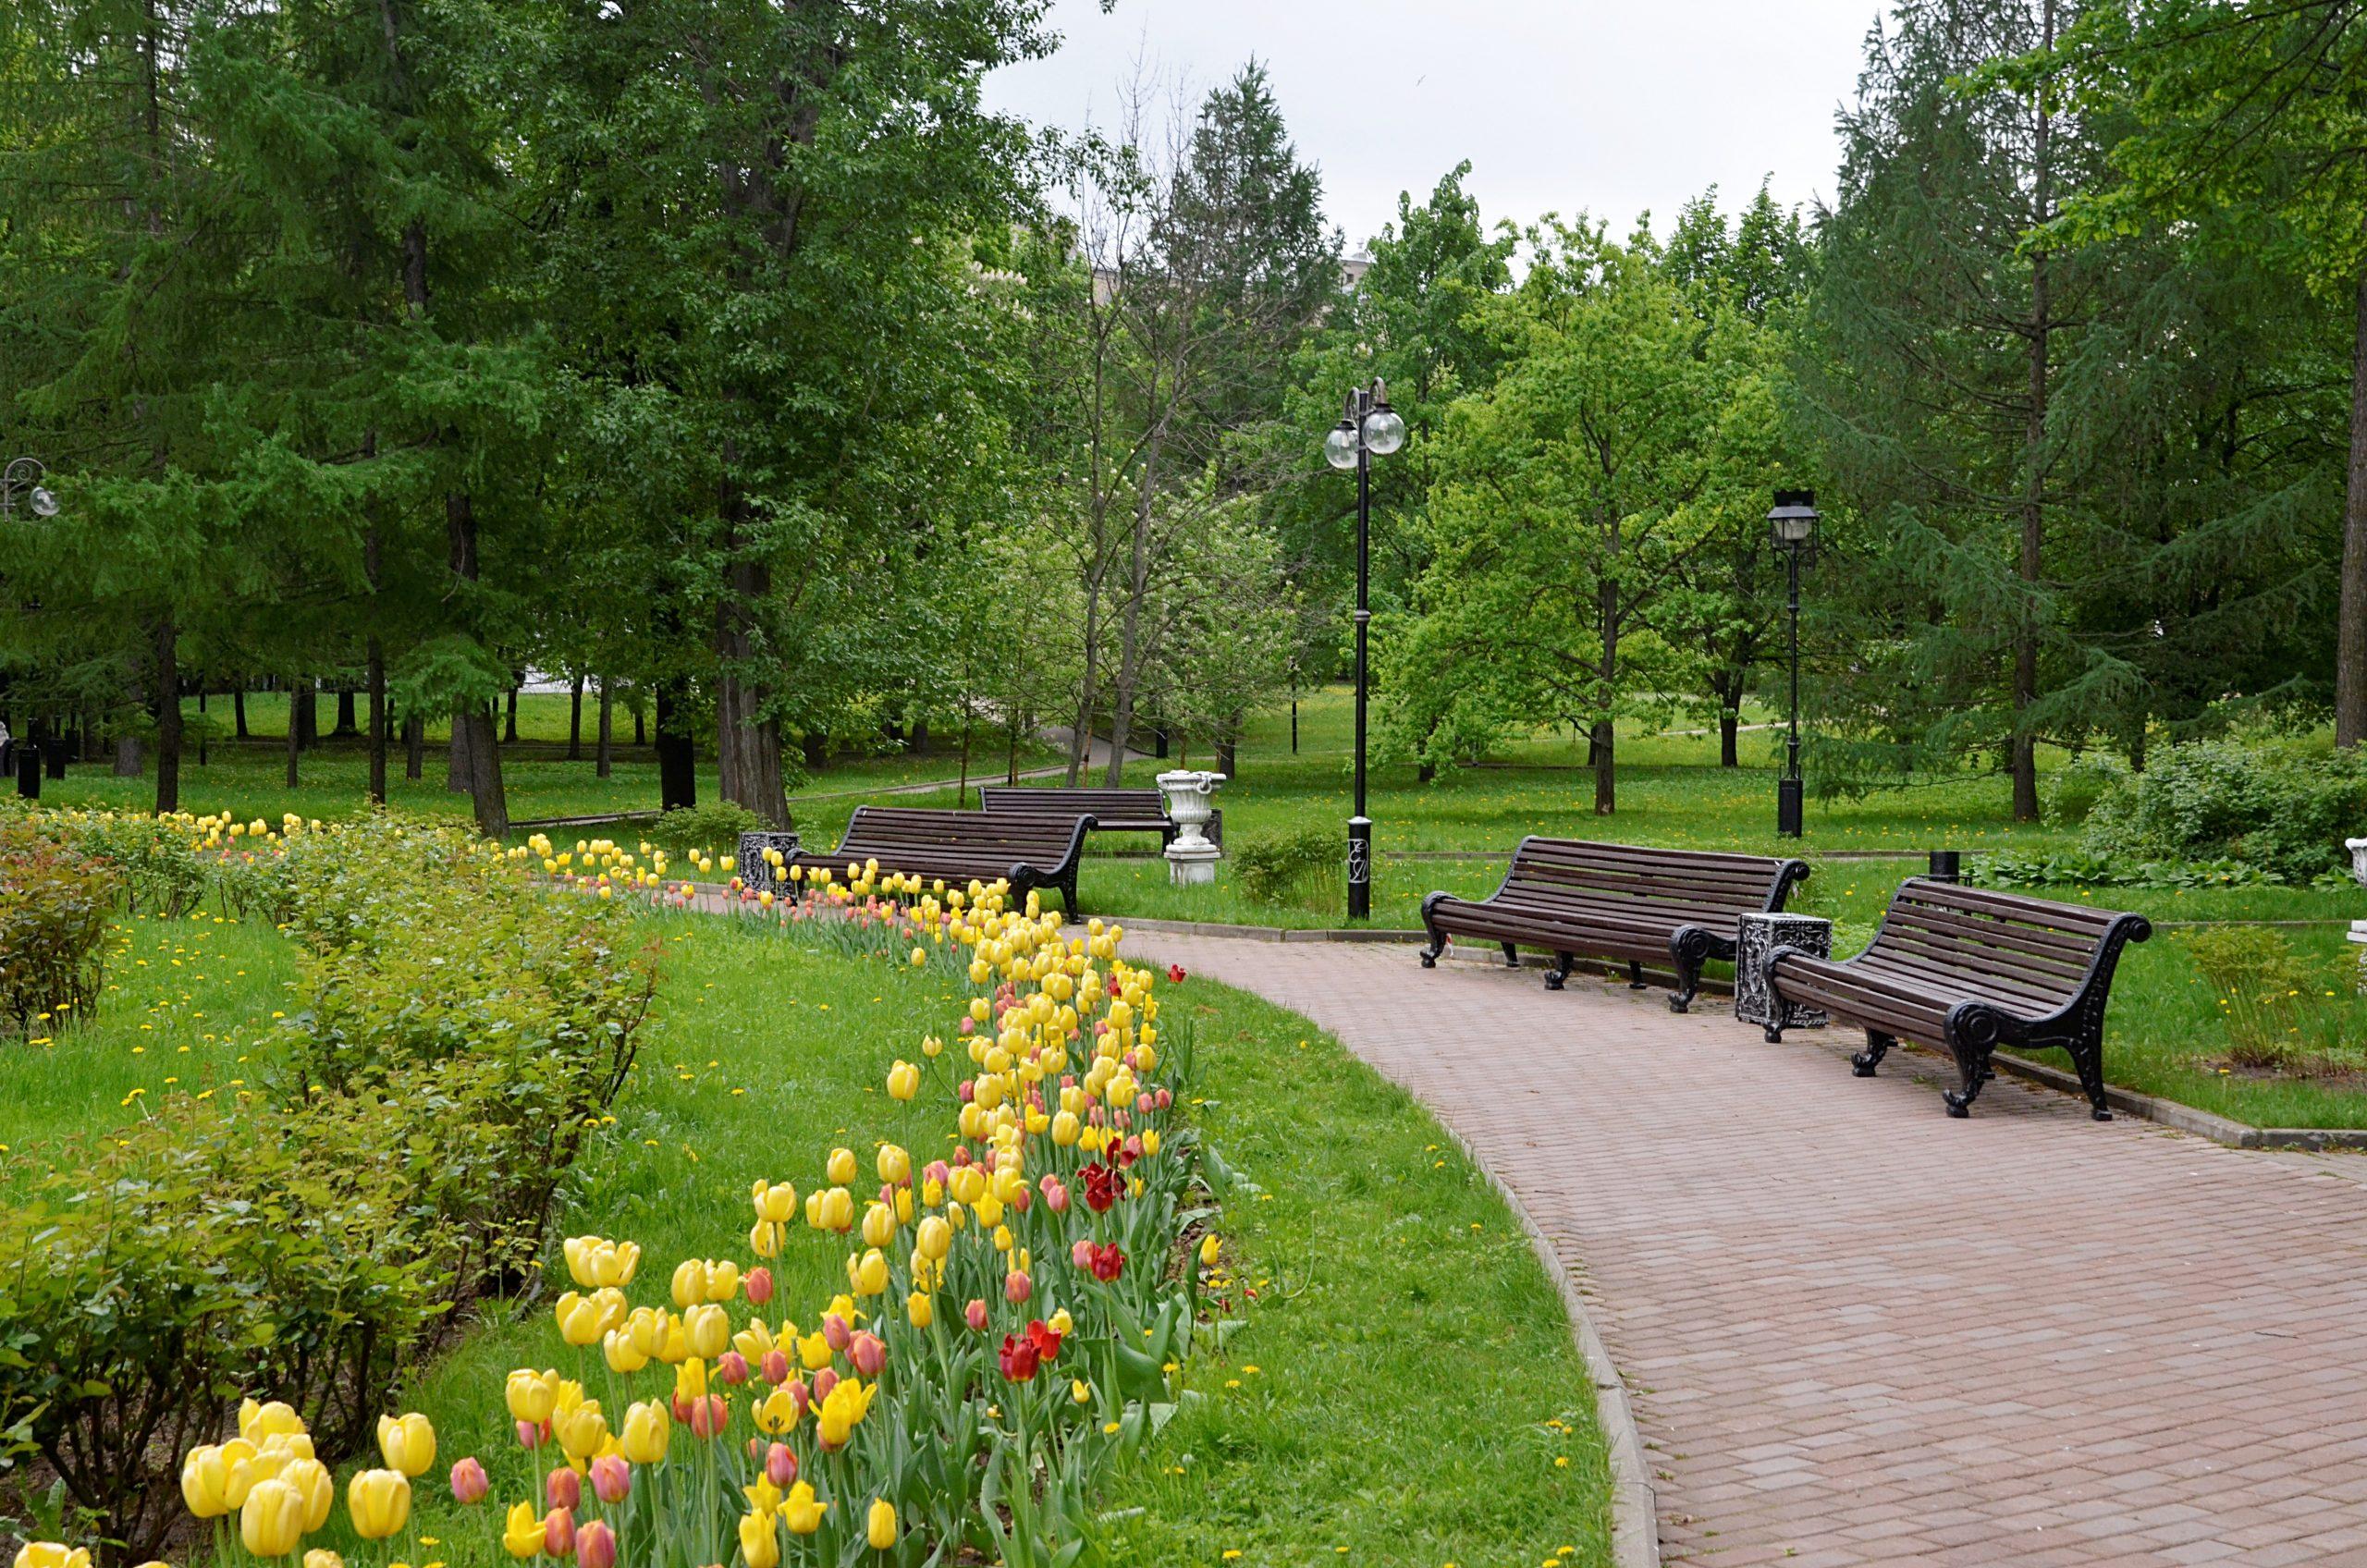 Онлайн-конкурс на лучшие названия парков проходит в Центре культуры и спорта «Филимонковское»